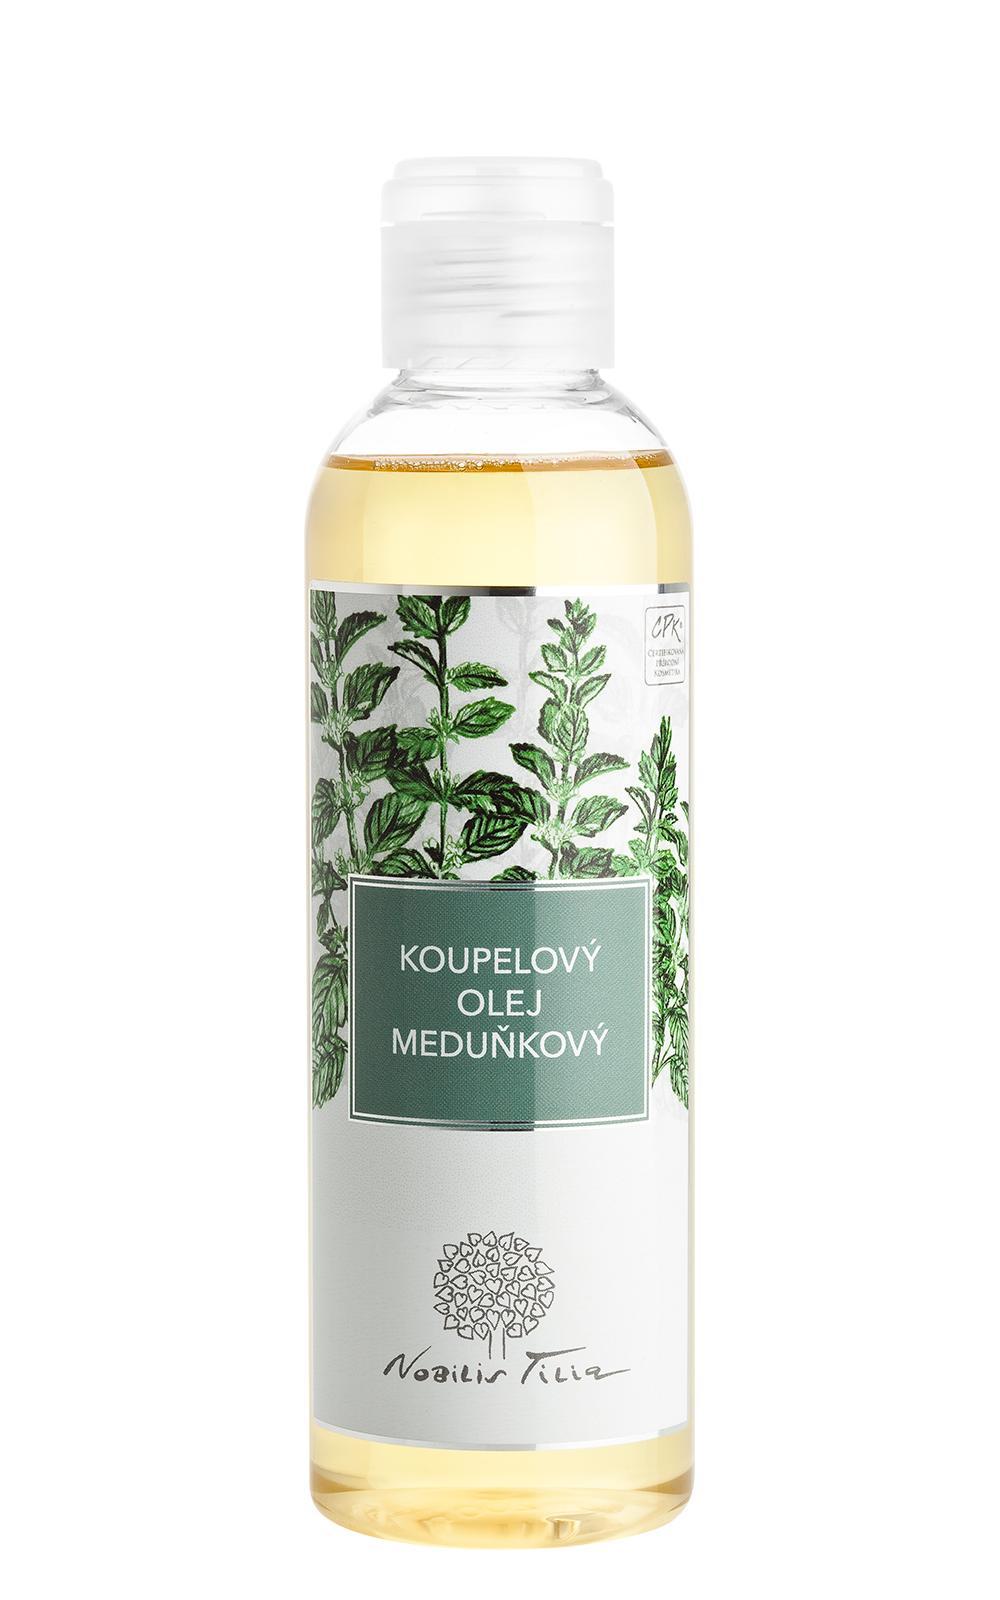 Nobilis Tilia Koupelový olej meduňkový - 200 200 ml